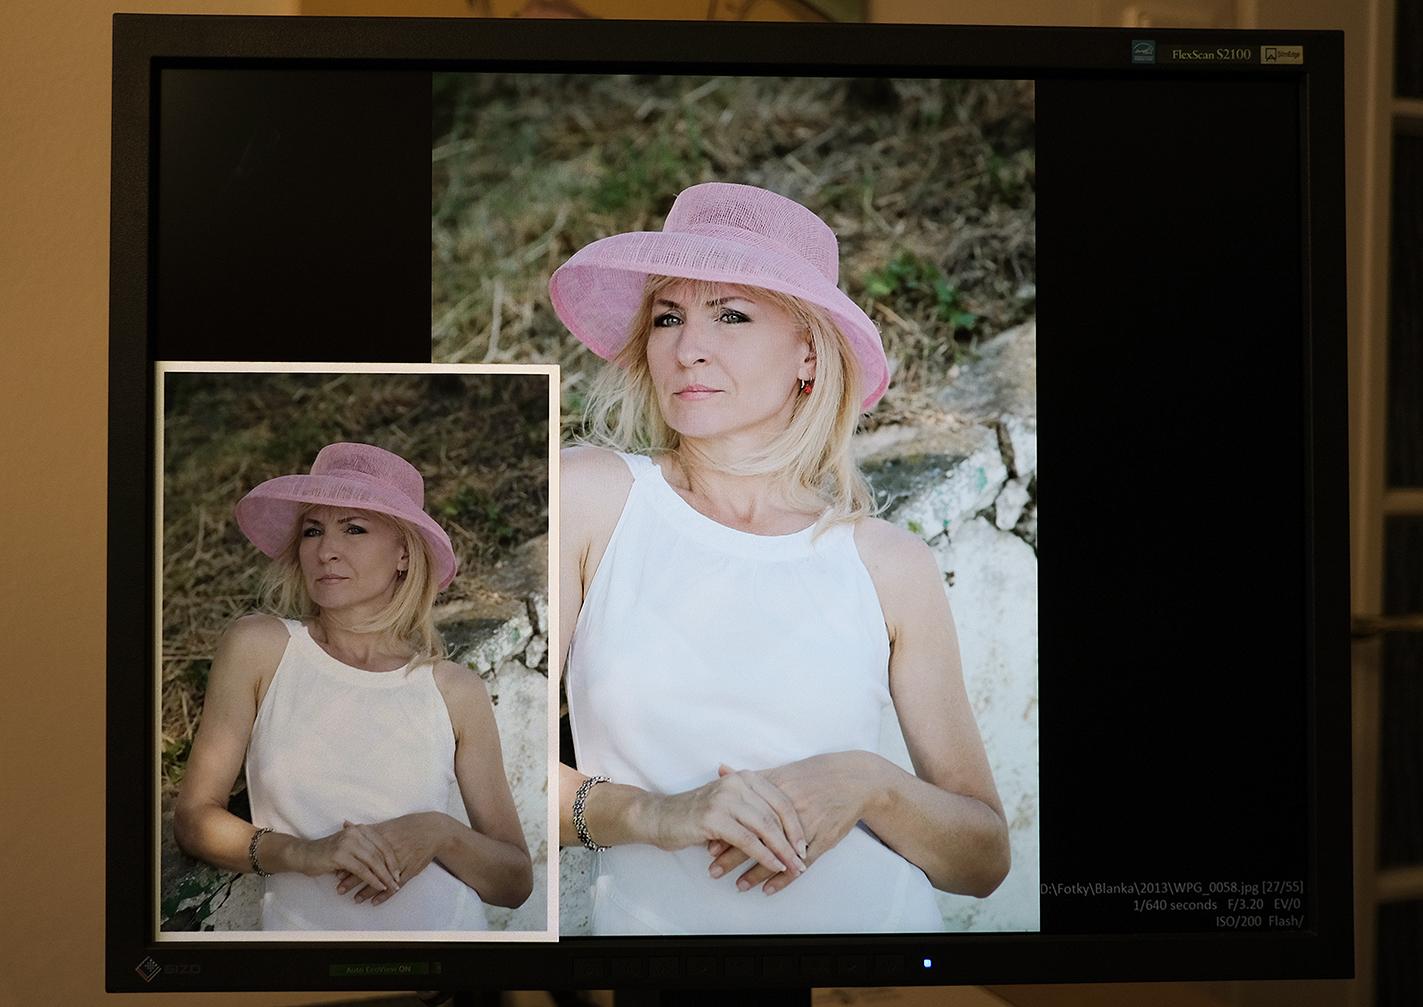 Porovnanie papierovej fotografie a fotografie na monitore